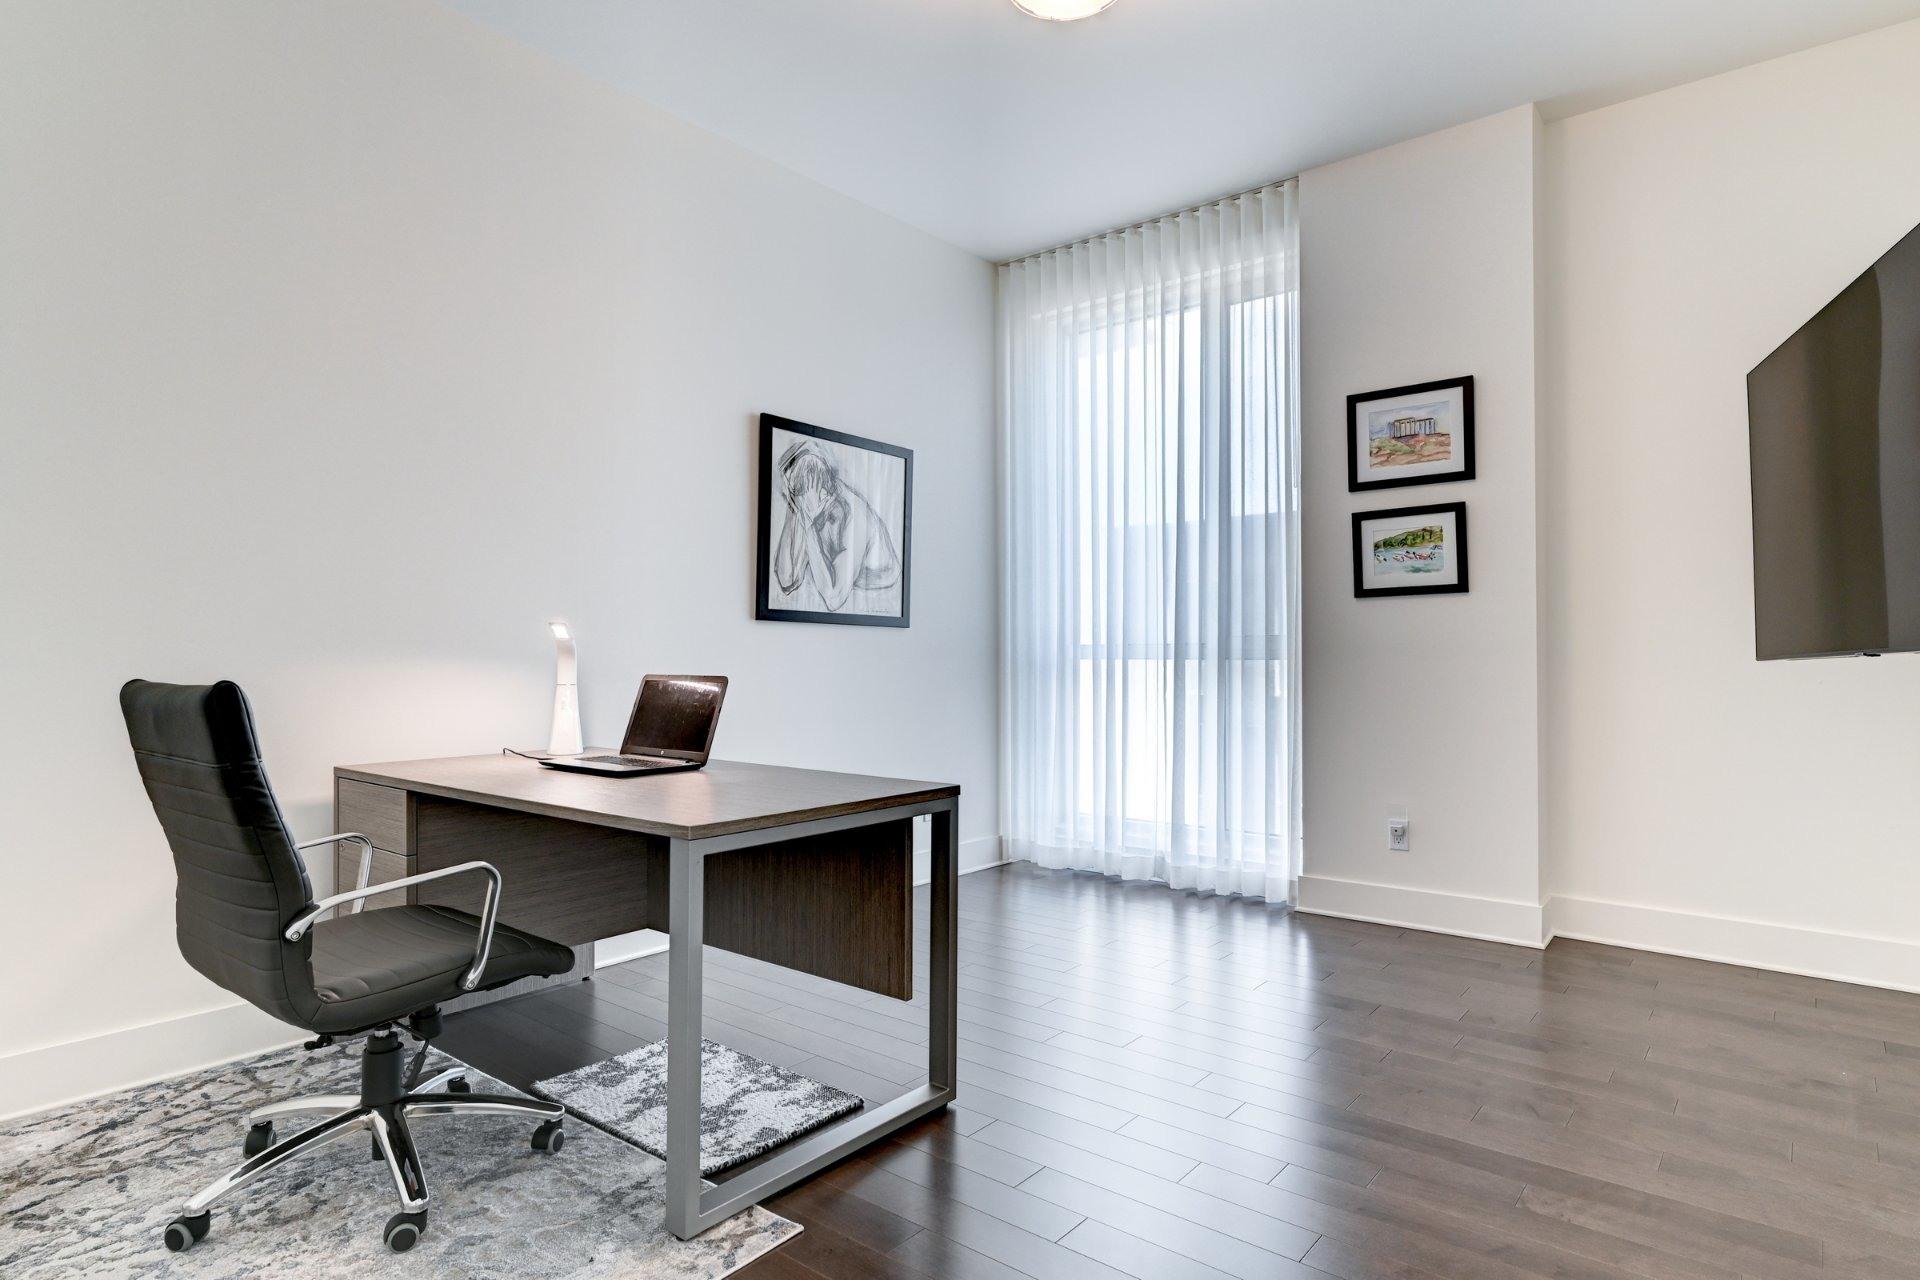 image 29 - Appartement À vendre Côte-des-Neiges/Notre-Dame-de-Grâce Montréal  - 16 pièces